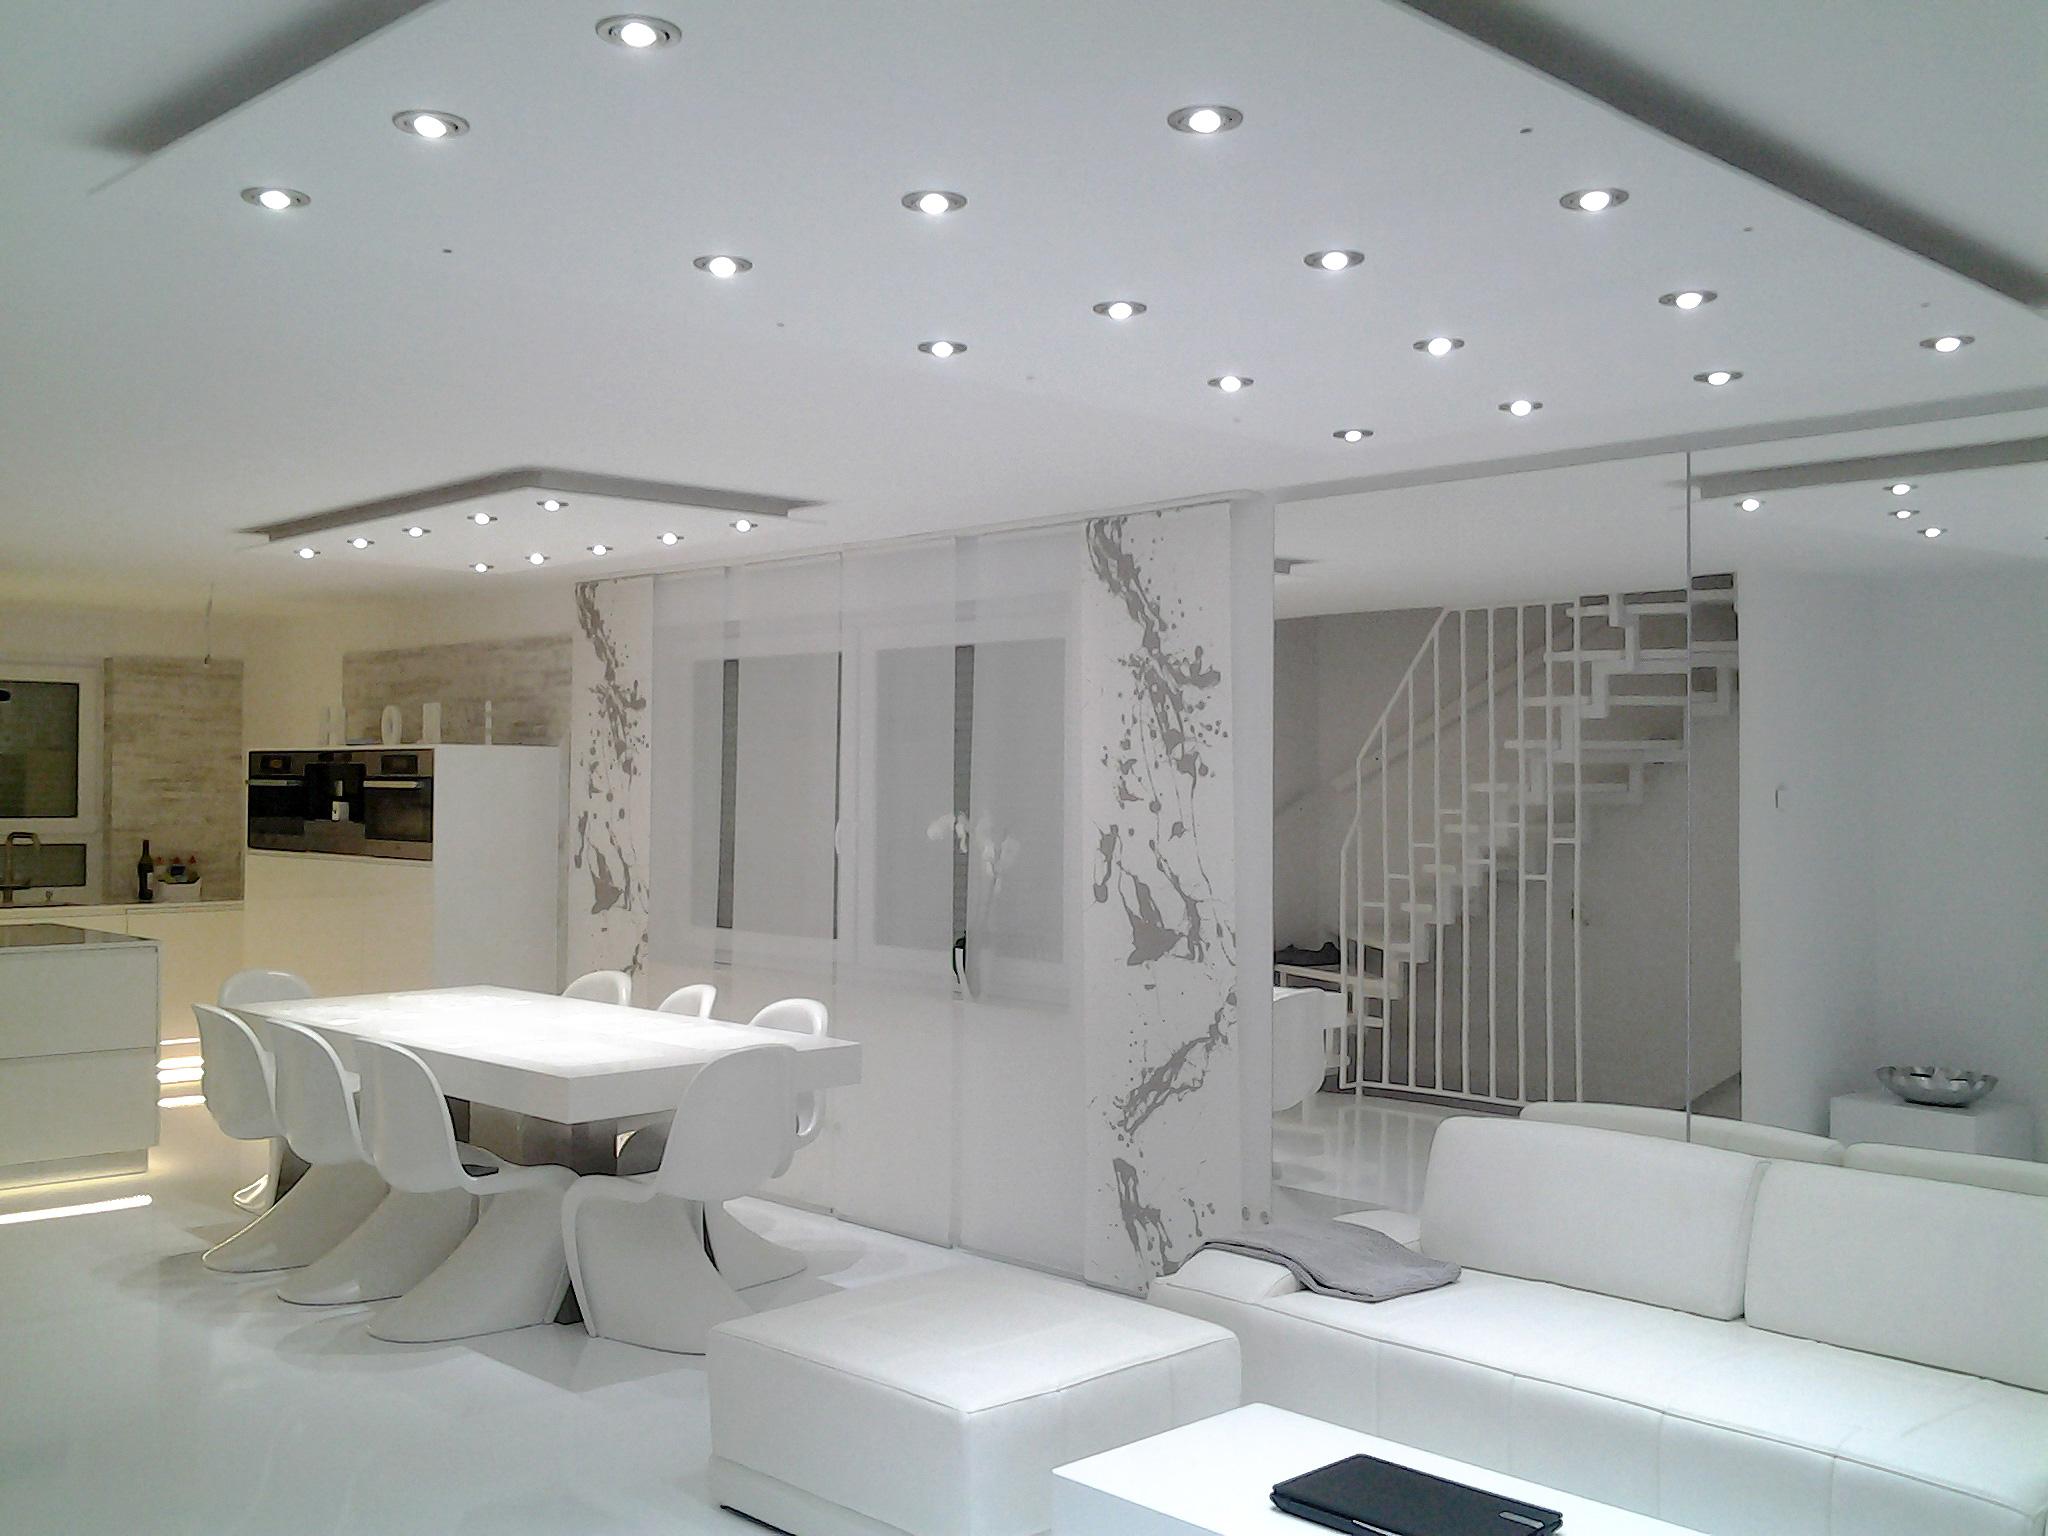 decke abh ngen holz swalif. Black Bedroom Furniture Sets. Home Design Ideas